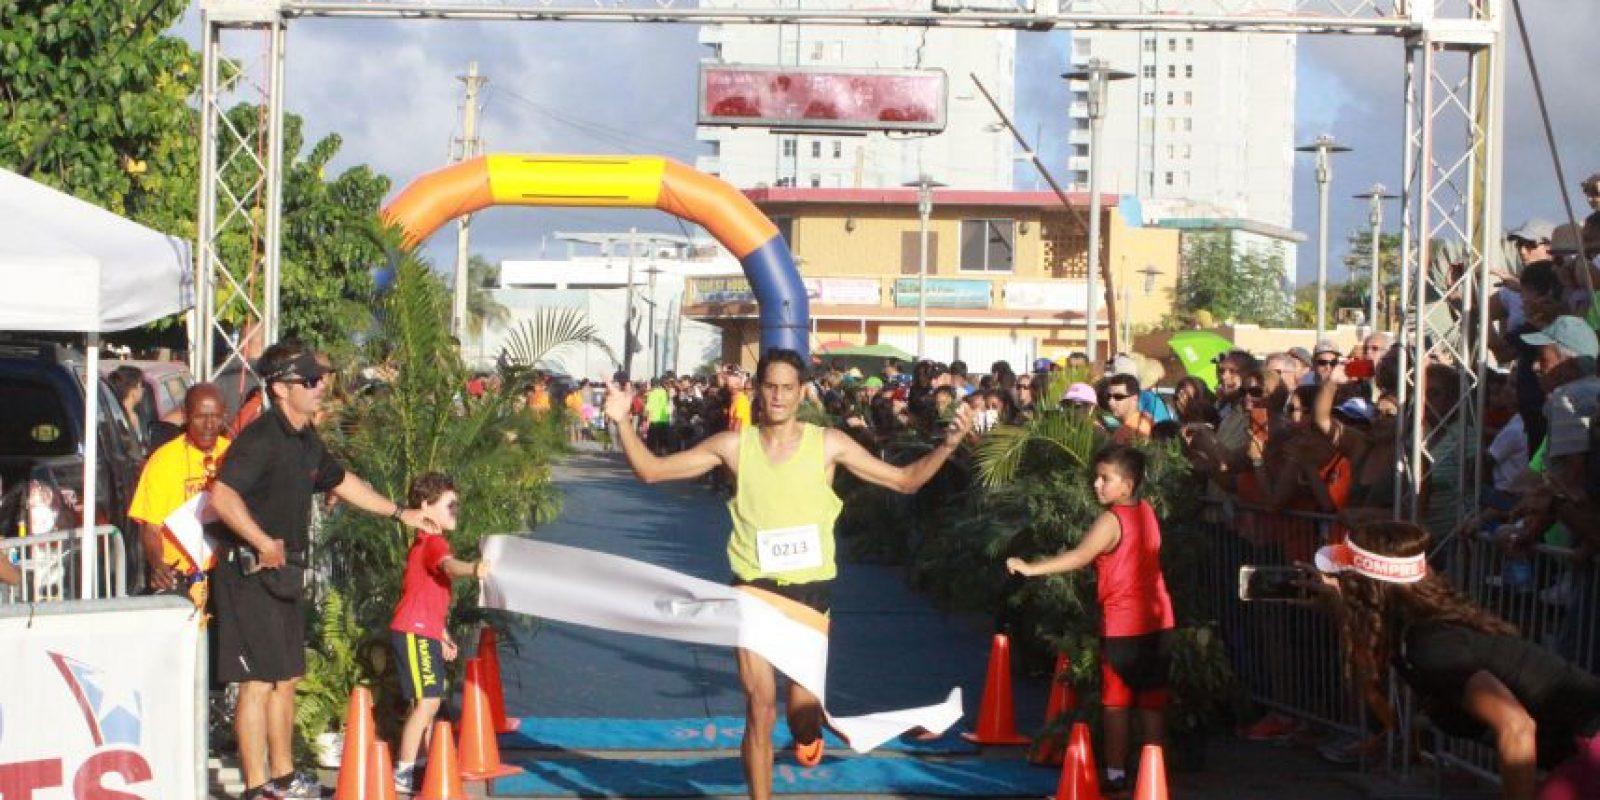 Elvis Maldonado completó la ruta en 43 minutos para ganar el Maratón malelo. Foto:Suministrada. Imagen Por: